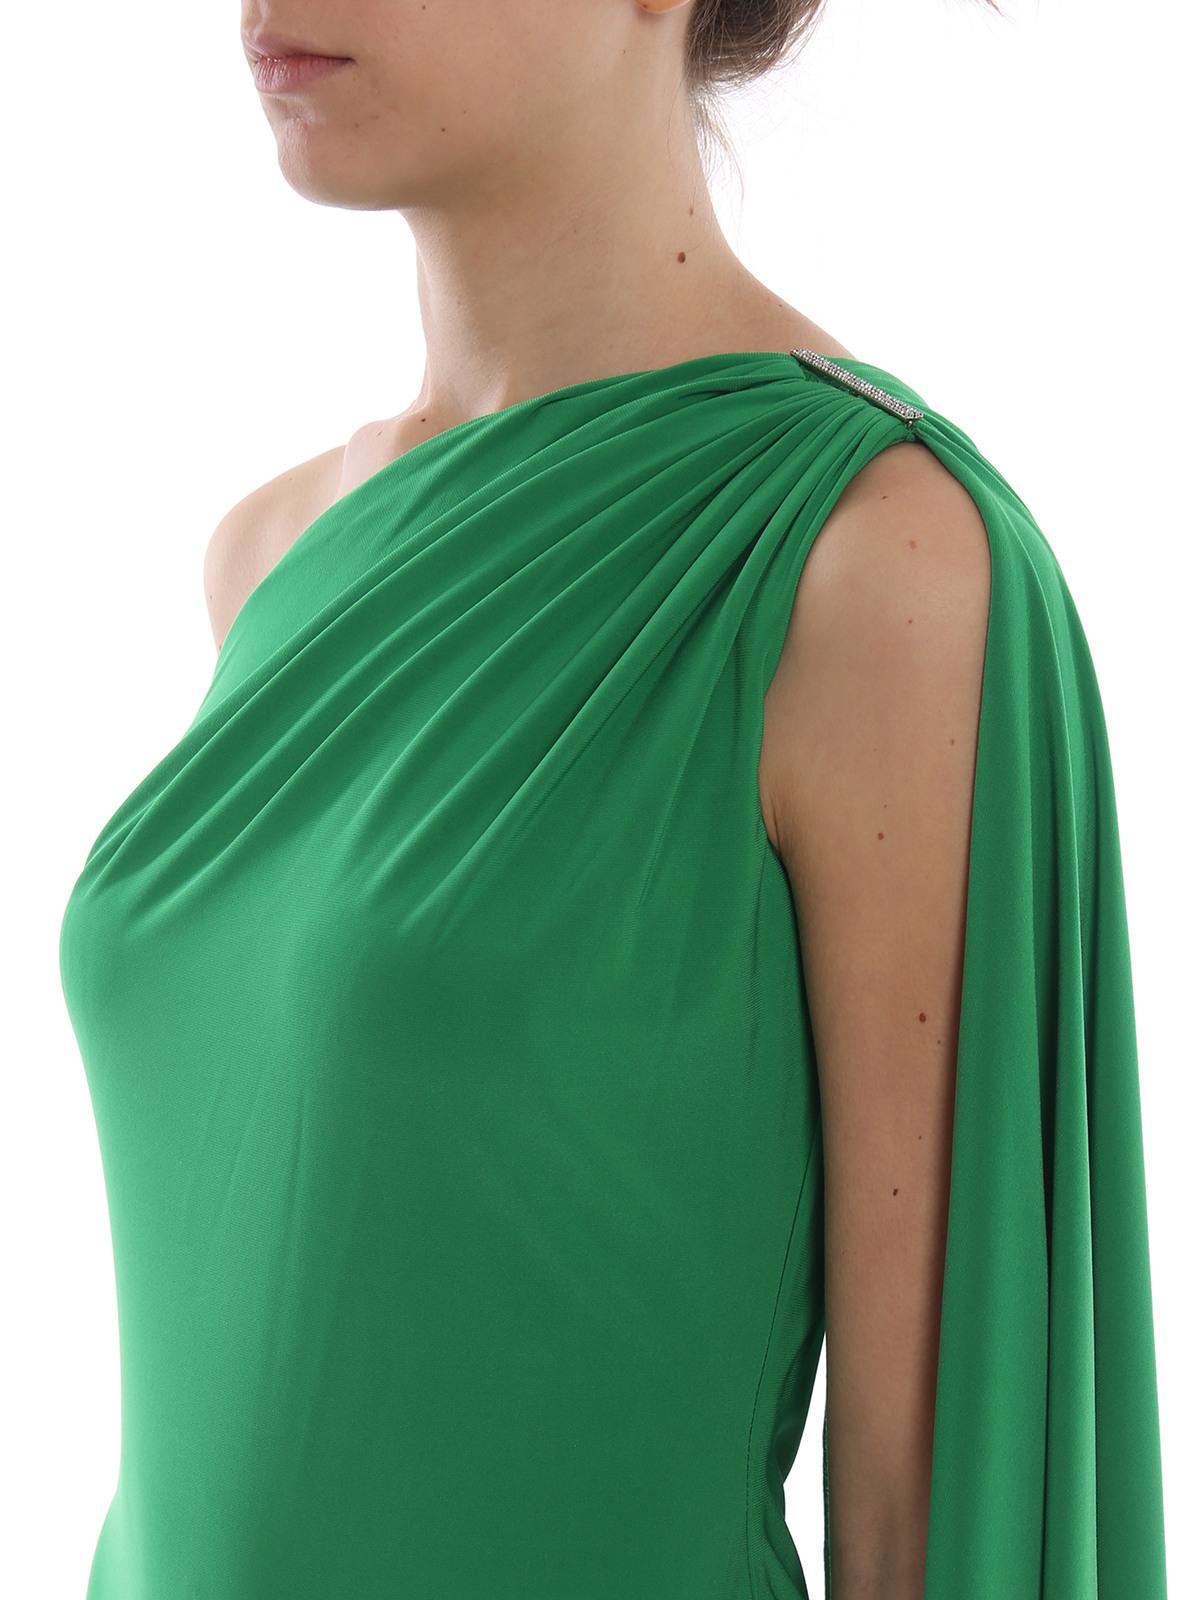 Formal Ausgezeichnet Abendkleider Ralph Lauren Boutique20 Luxurius Abendkleider Ralph Lauren Galerie